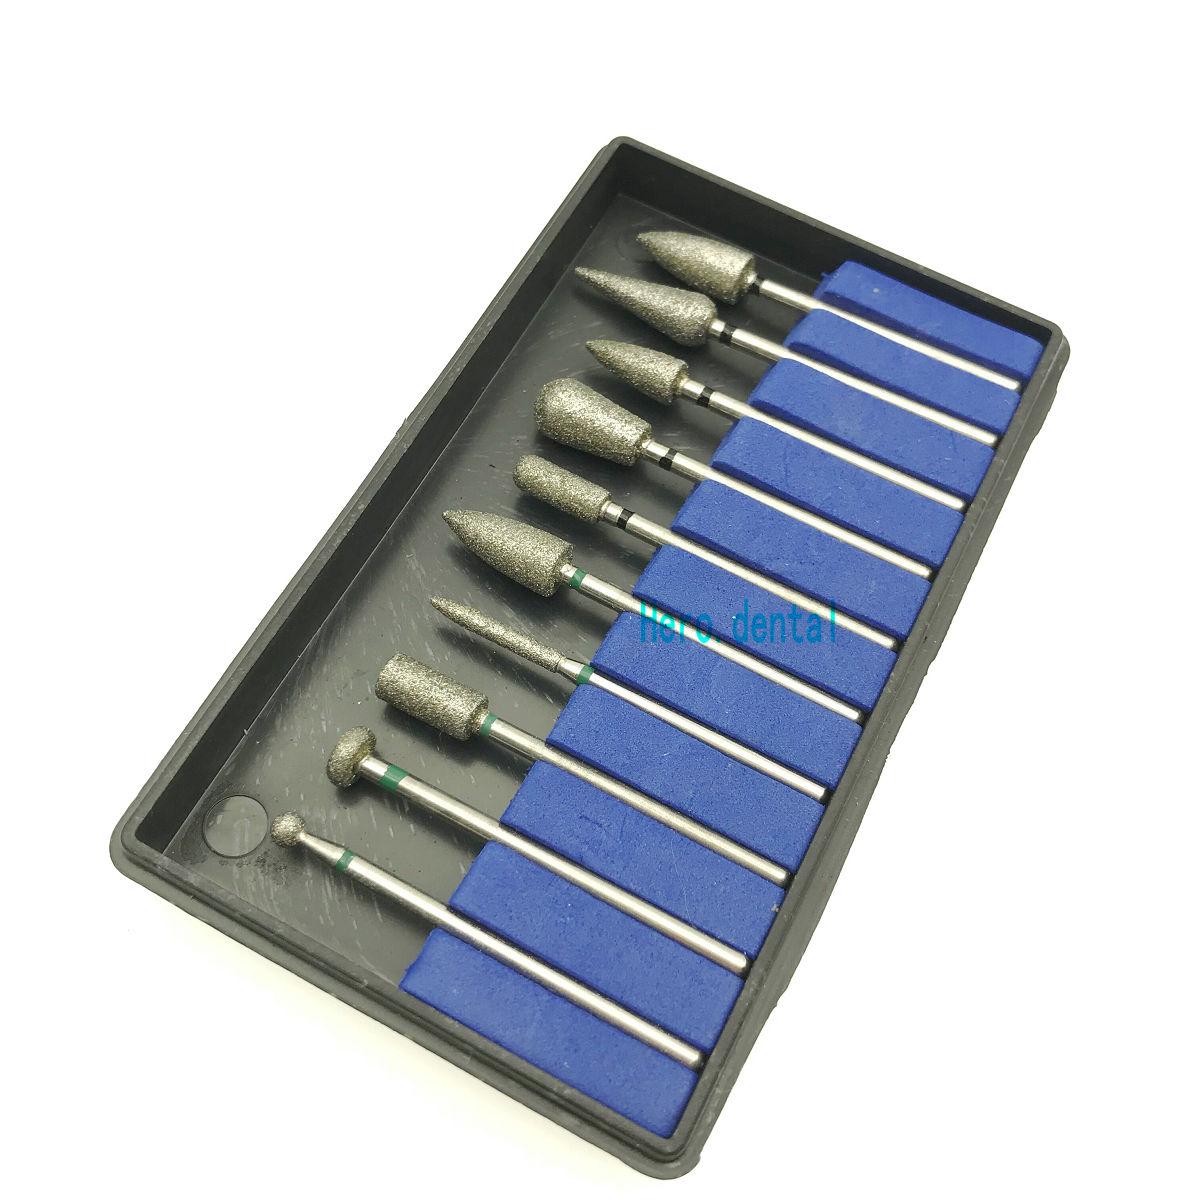 10pcs Dental Sintered Diamond Point Polisher Dental  HP Shank Rotary Bur Set Lab 2.35mm